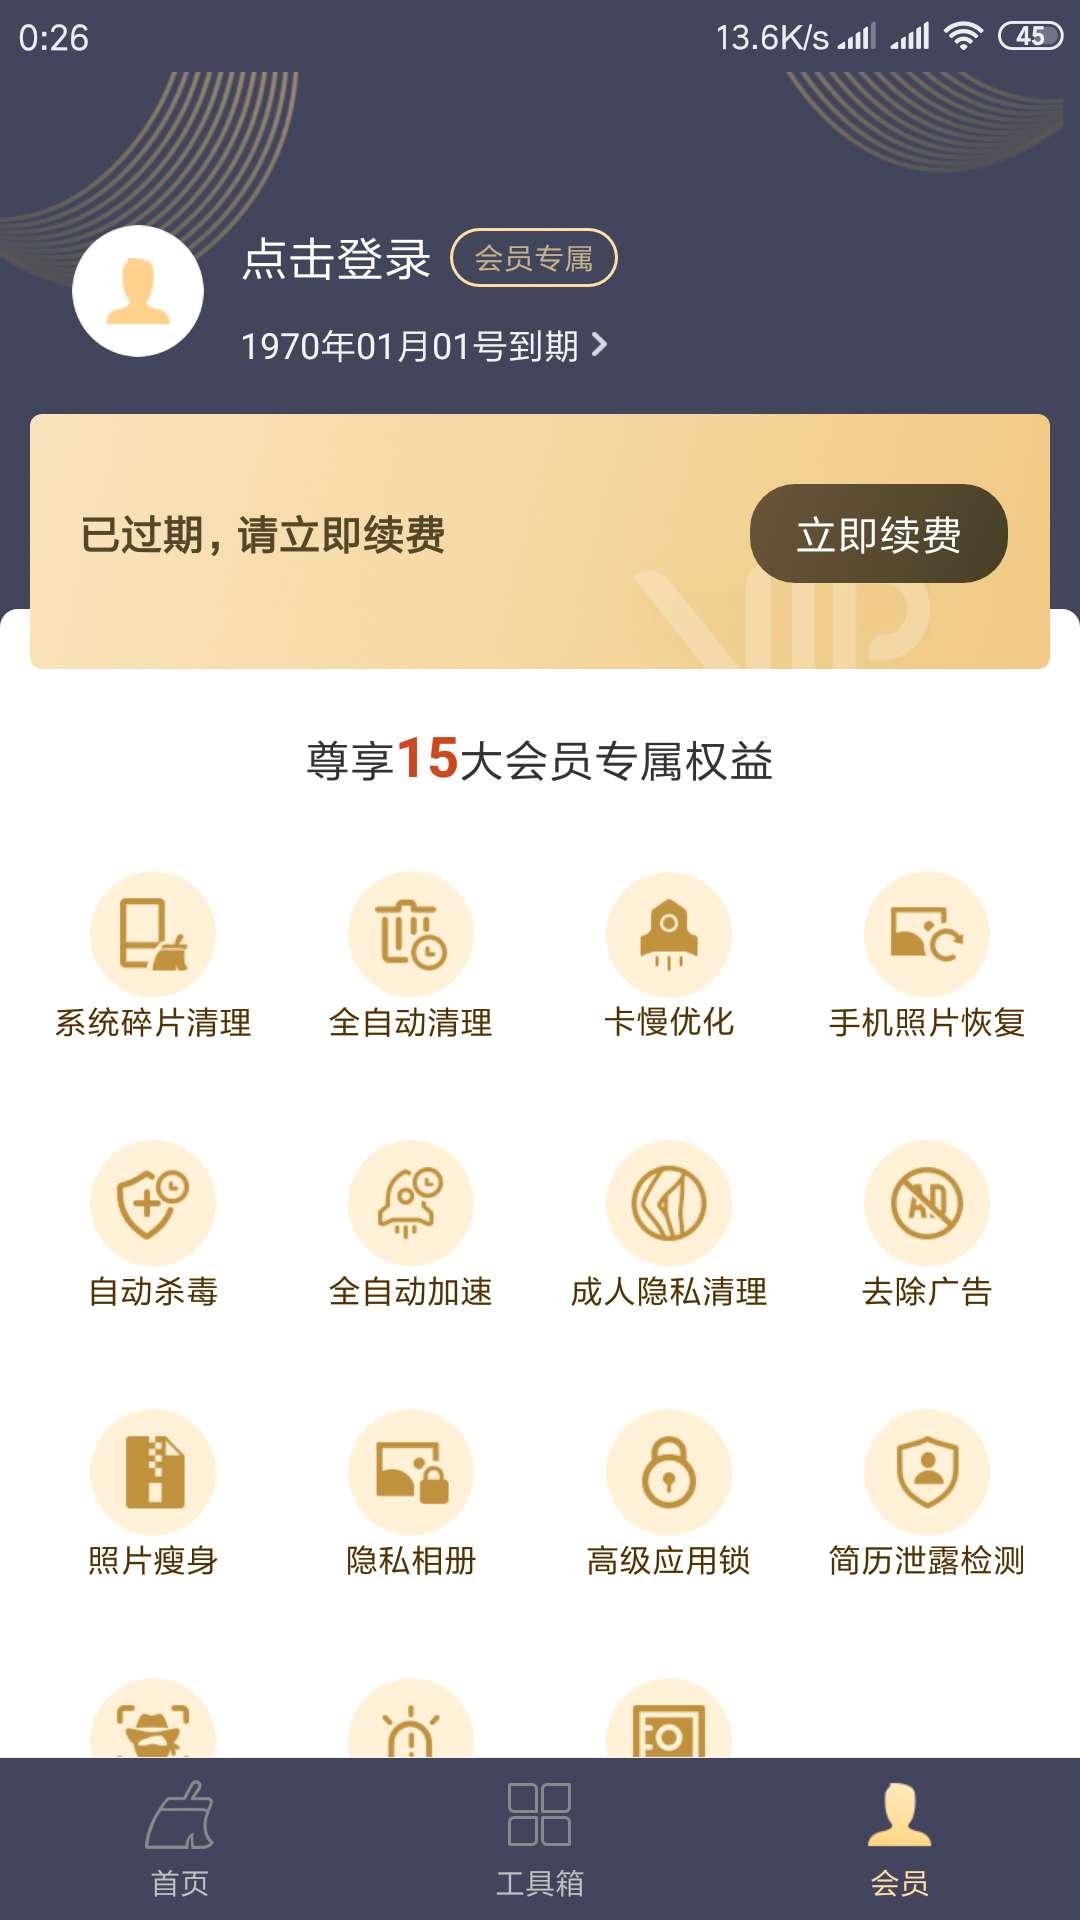 猎豹清理大师 6.19.8 最新免登录会员去广版